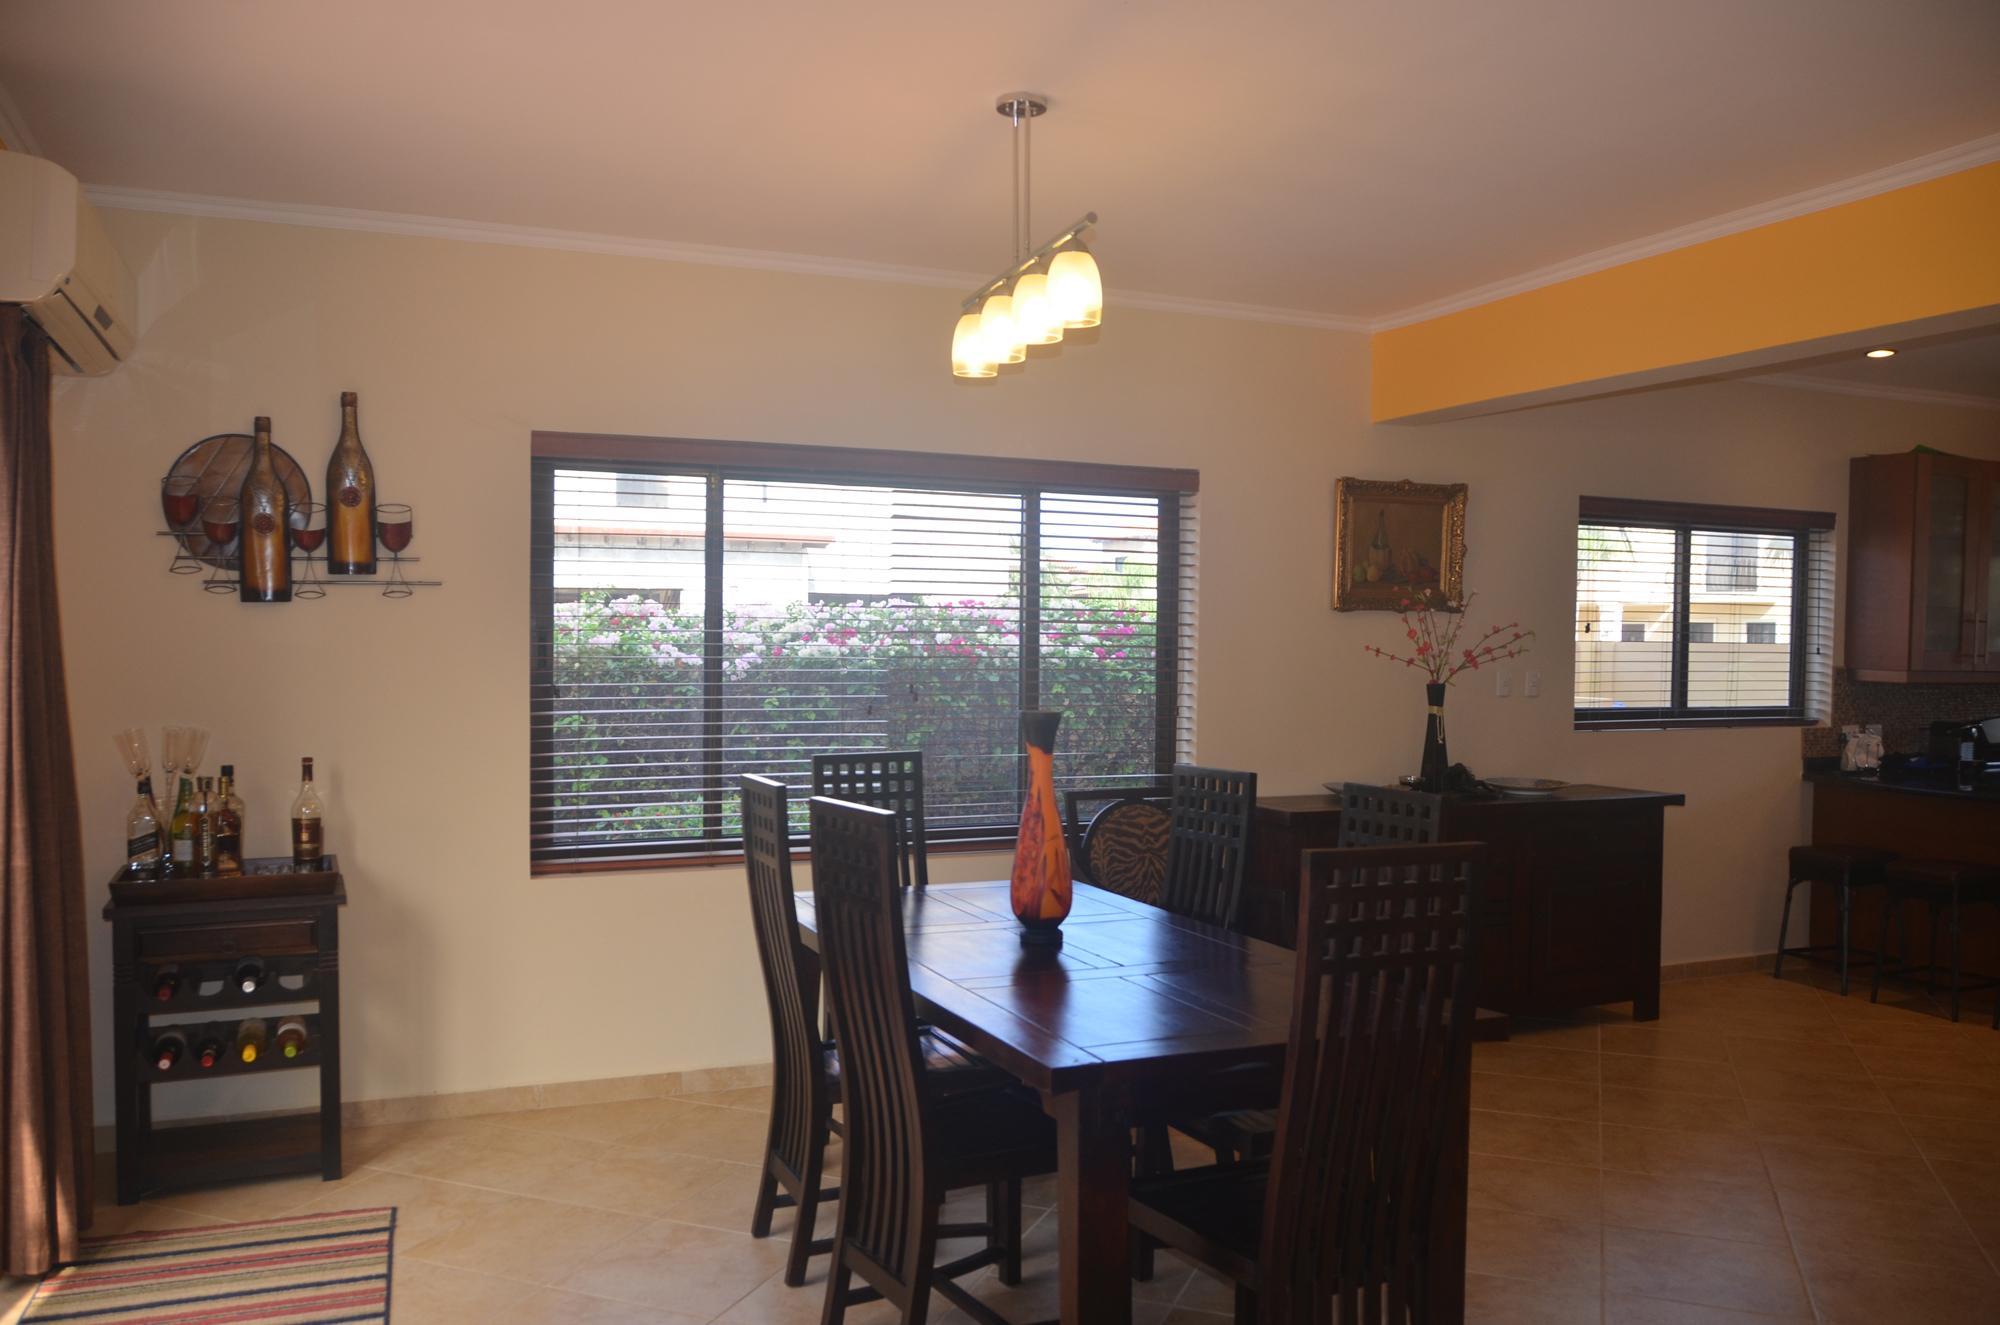 Additional photo for property listing at Villa Basiruti Gold Coast Residence Malmok, 阿鲁巴 21000 阿鲁巴岛